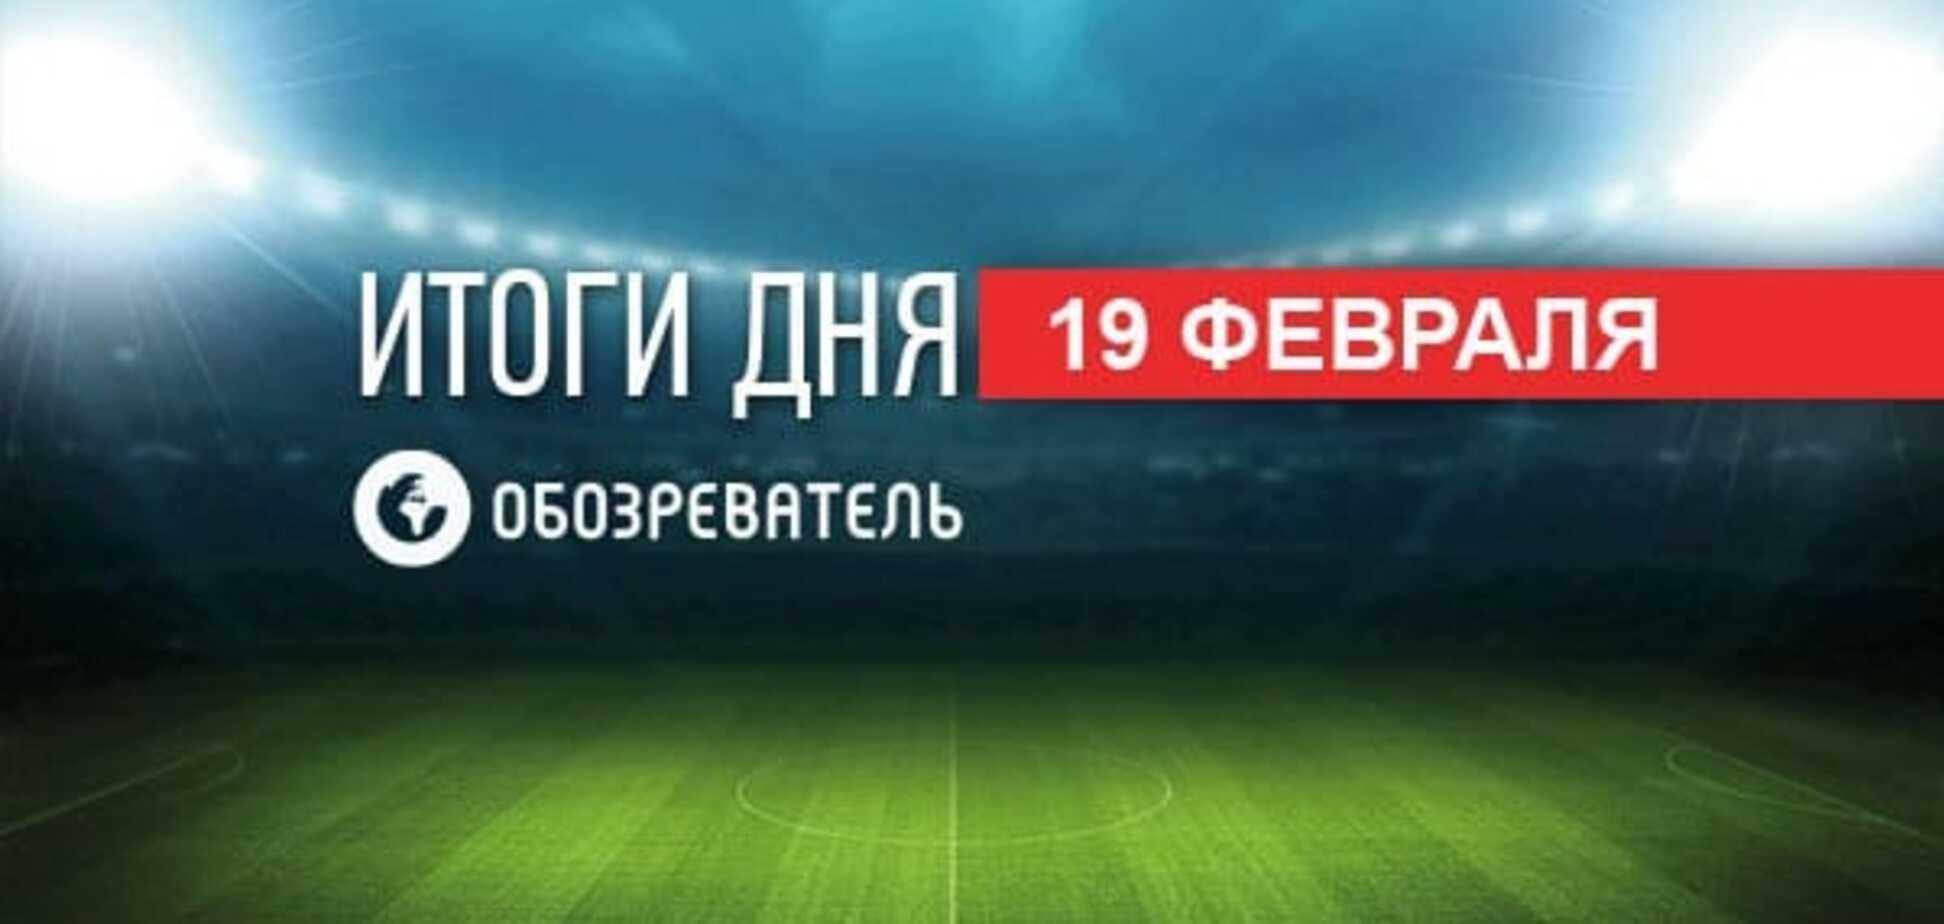 Знаменитий боксер показав Сімферополю, чий Крим. Спортивні підсумки 19 лютого